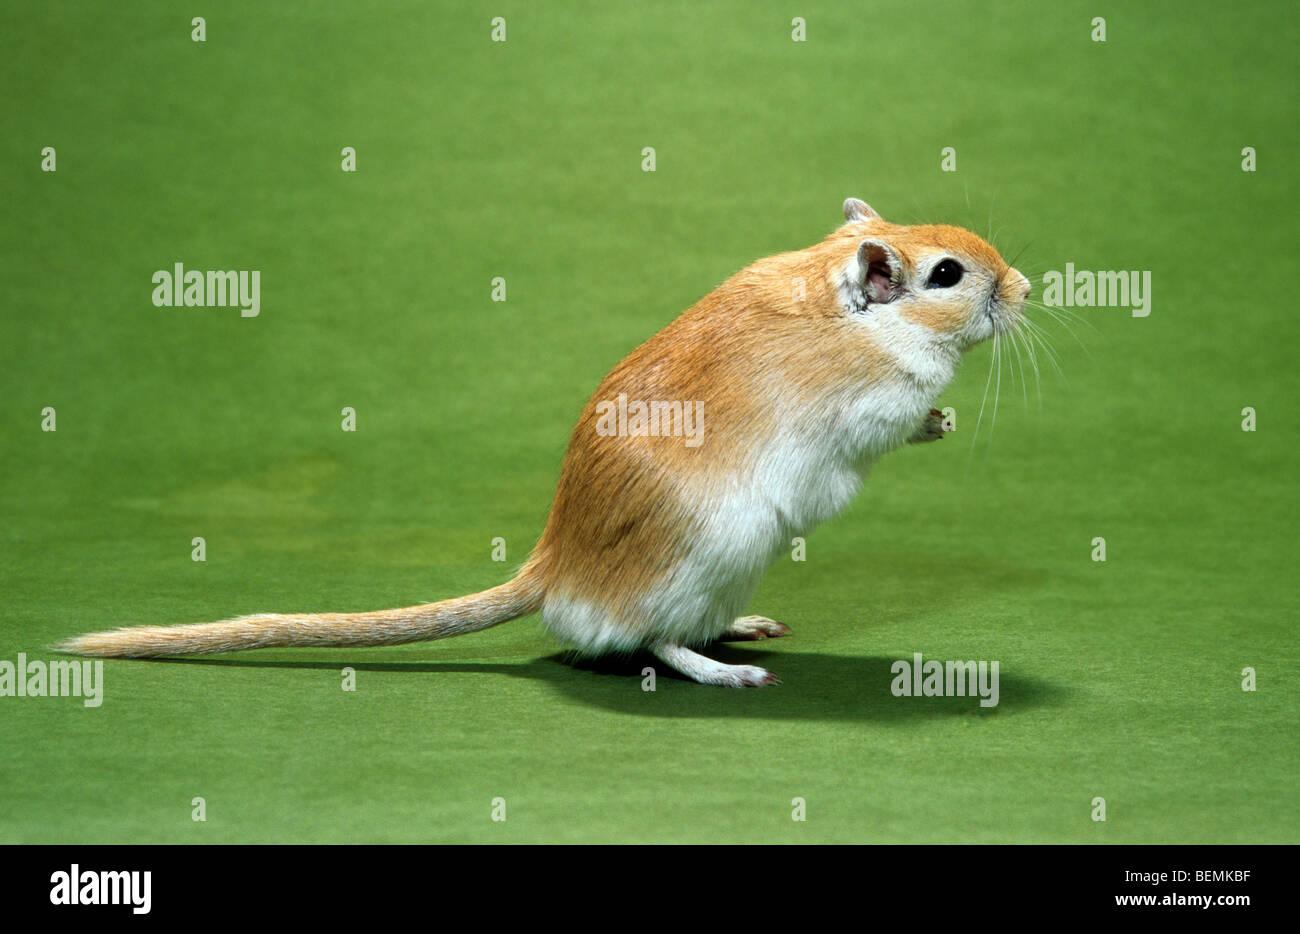 PET-Mongolische Wüstenrennmaus (Meriones Unguiculatus) aufstehen Stockbild